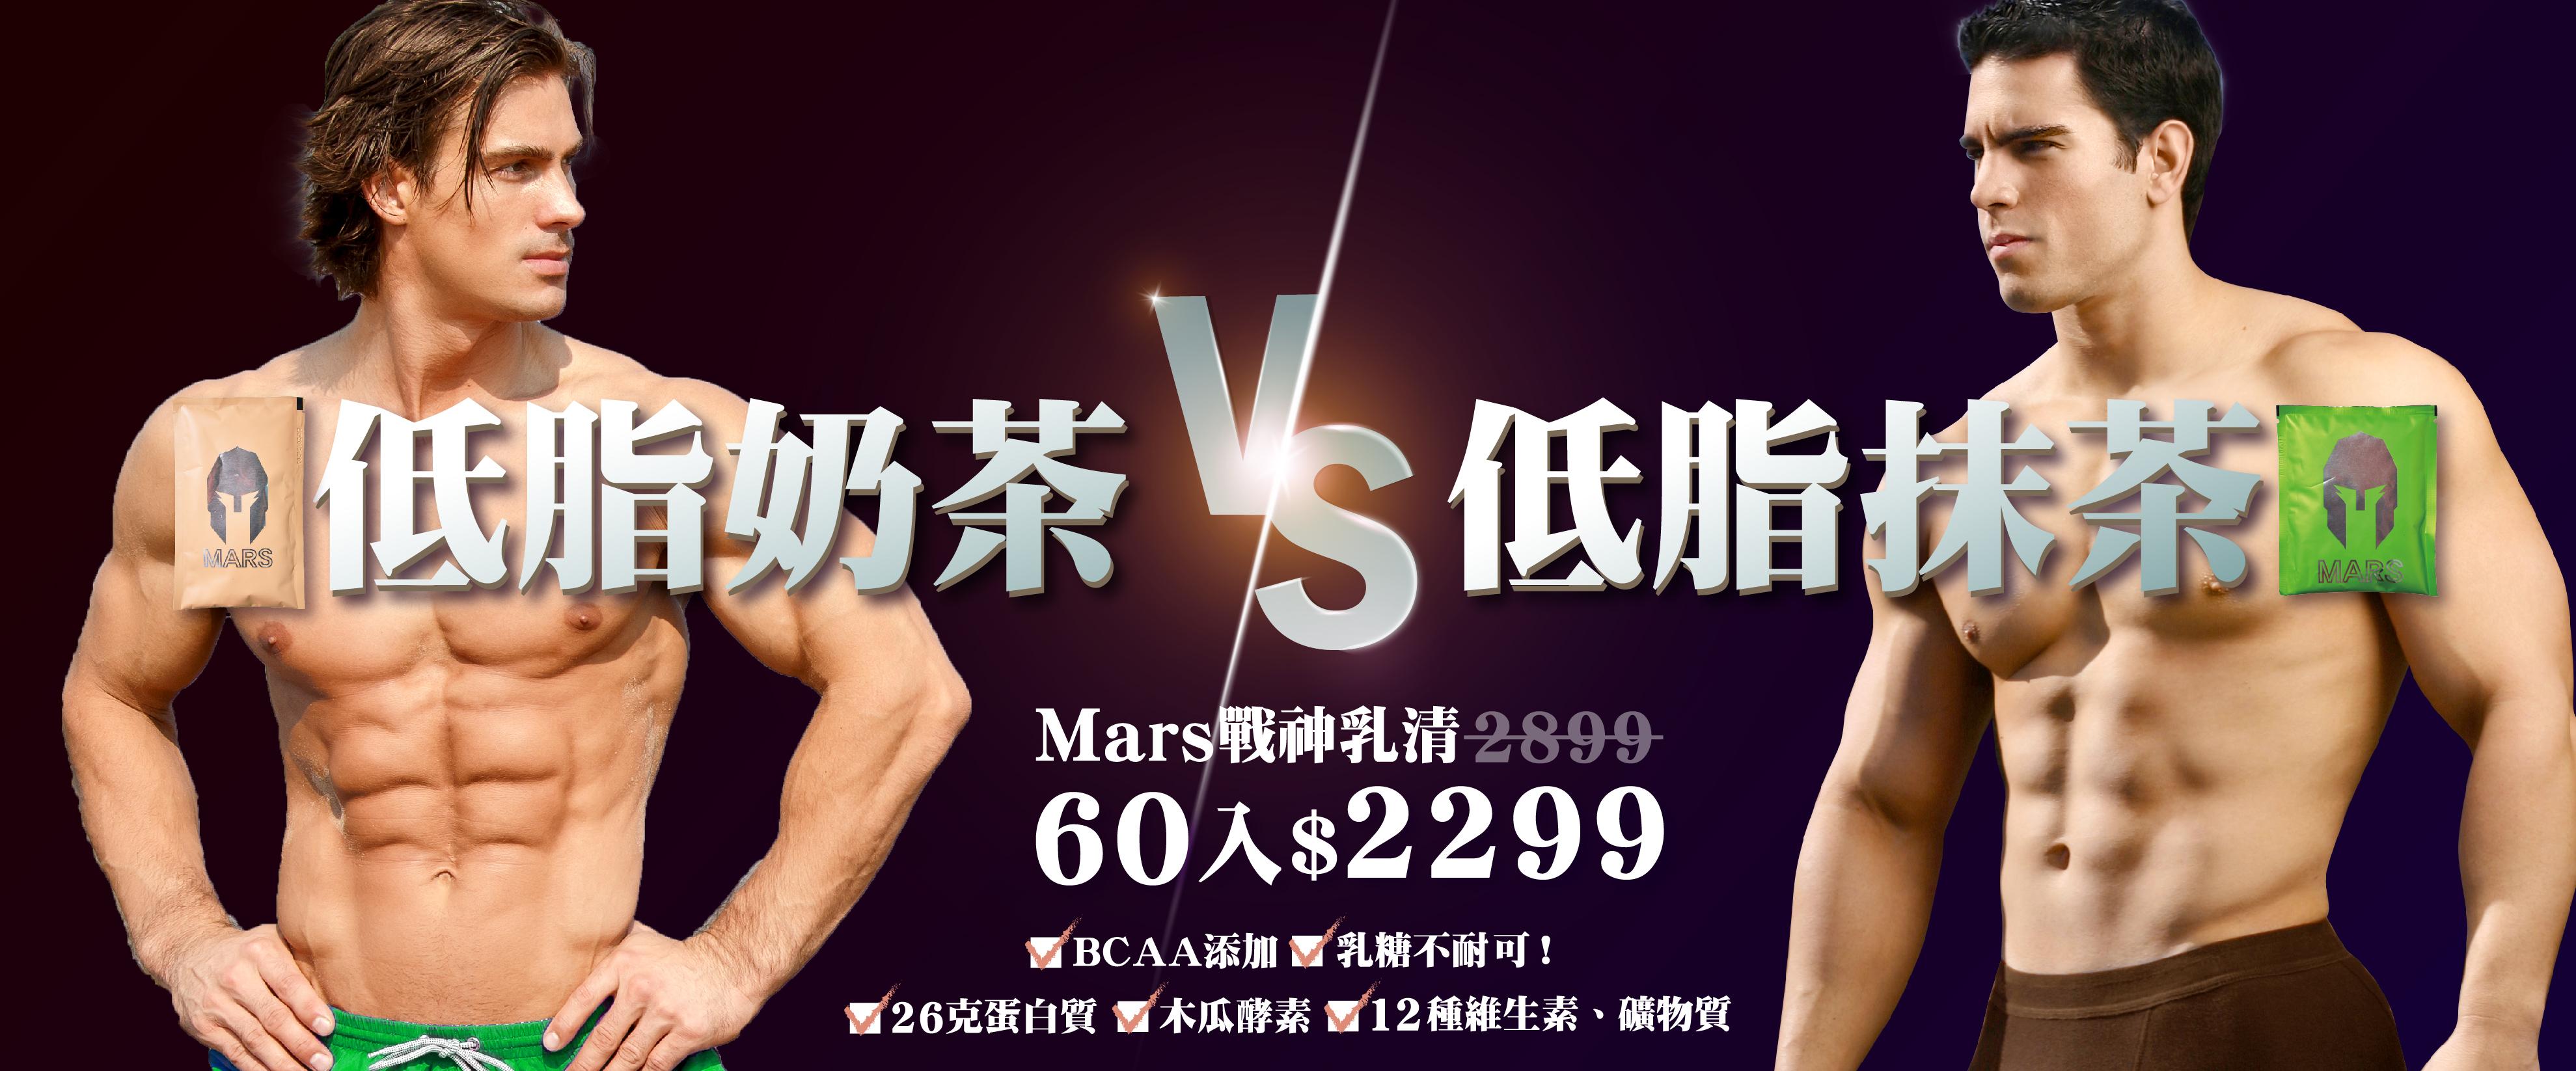 台灣 Mars戰神